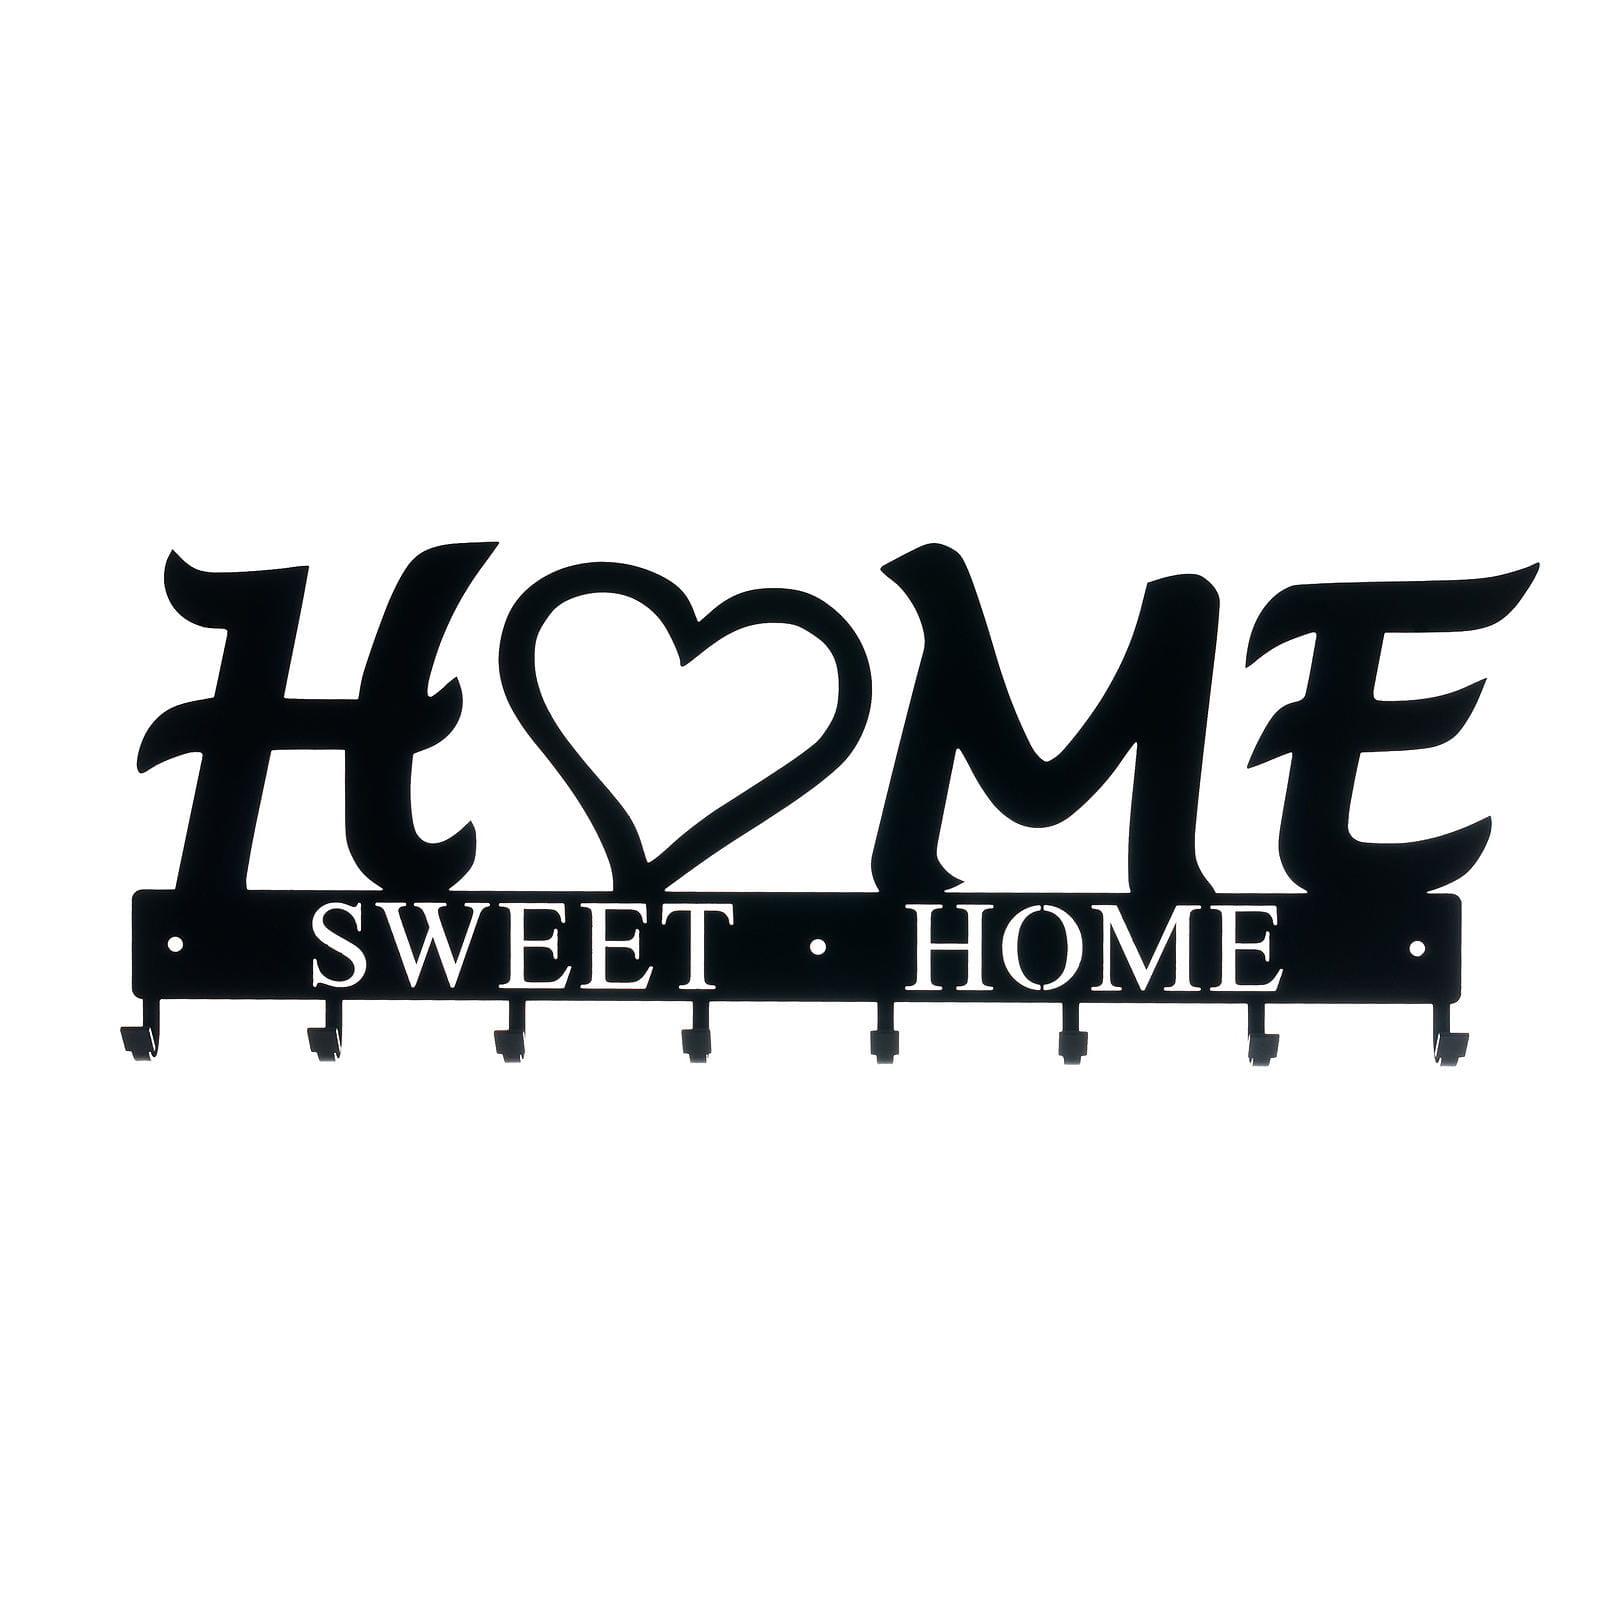 Wieszak Å›cienny Home Sweet Home 02 czarny